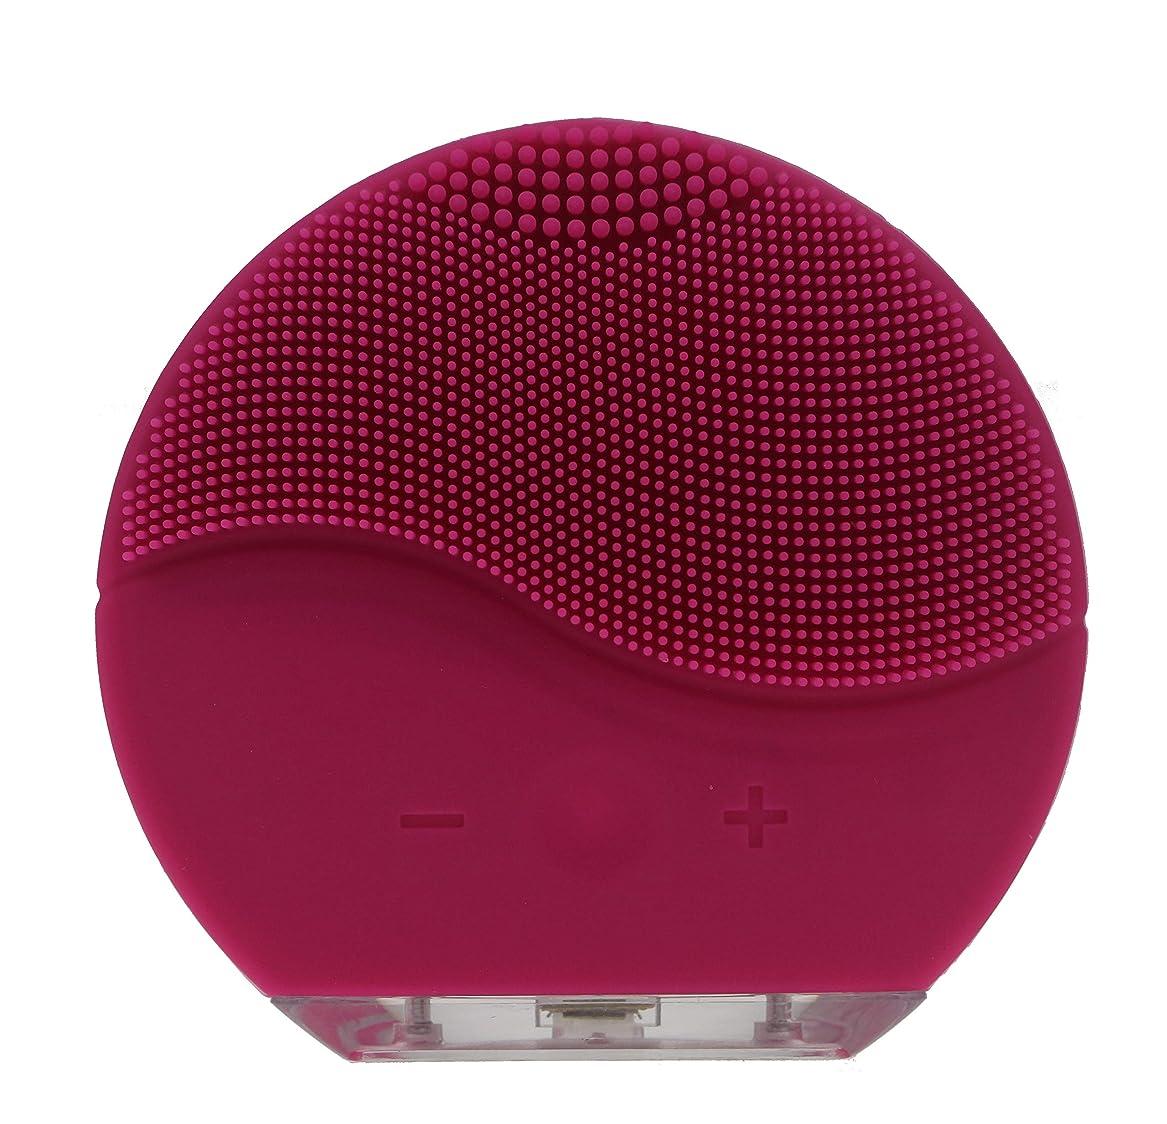 偽剥離費やすダンマ防水シリコーン電気洗顔ブラシブラシマッサージャーUSB充電&充電式(レッド)